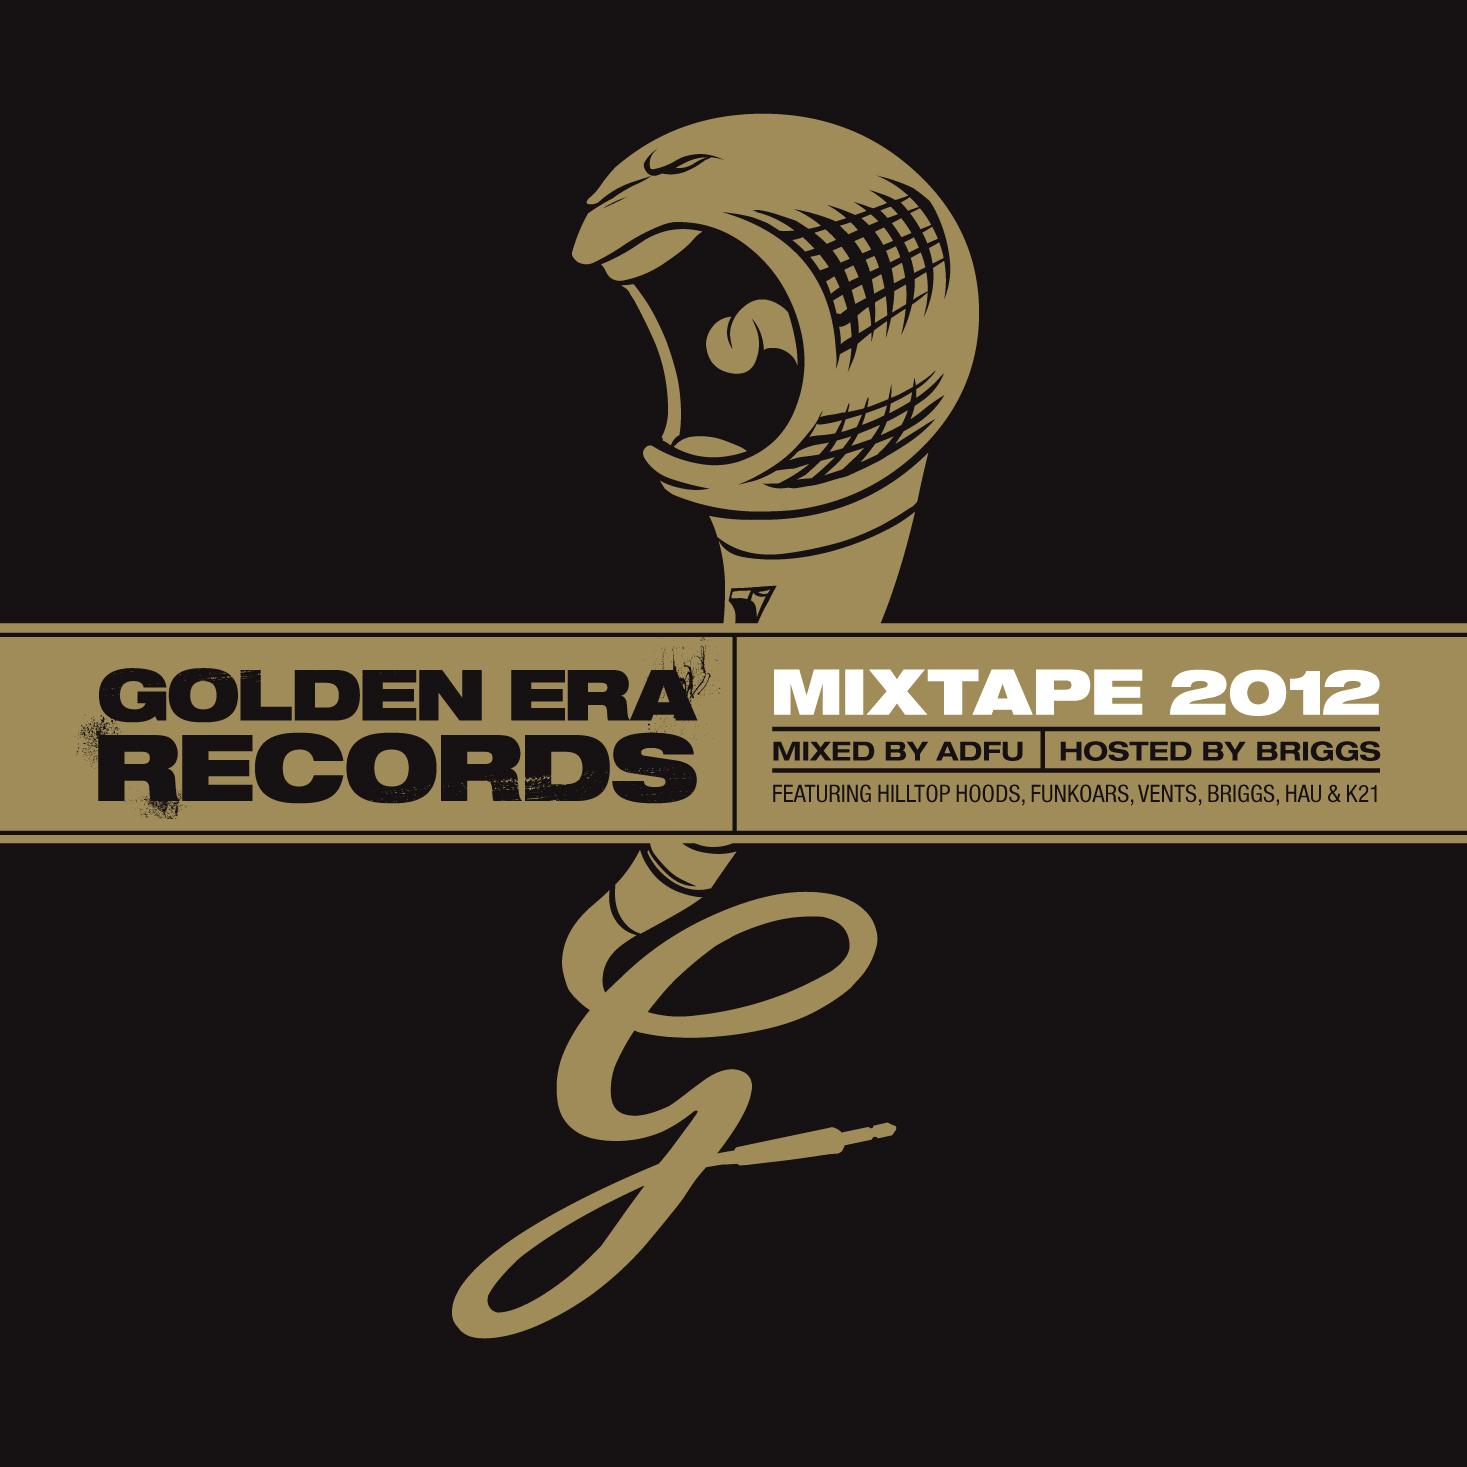 GE_Mixtape2012_Front_Hires